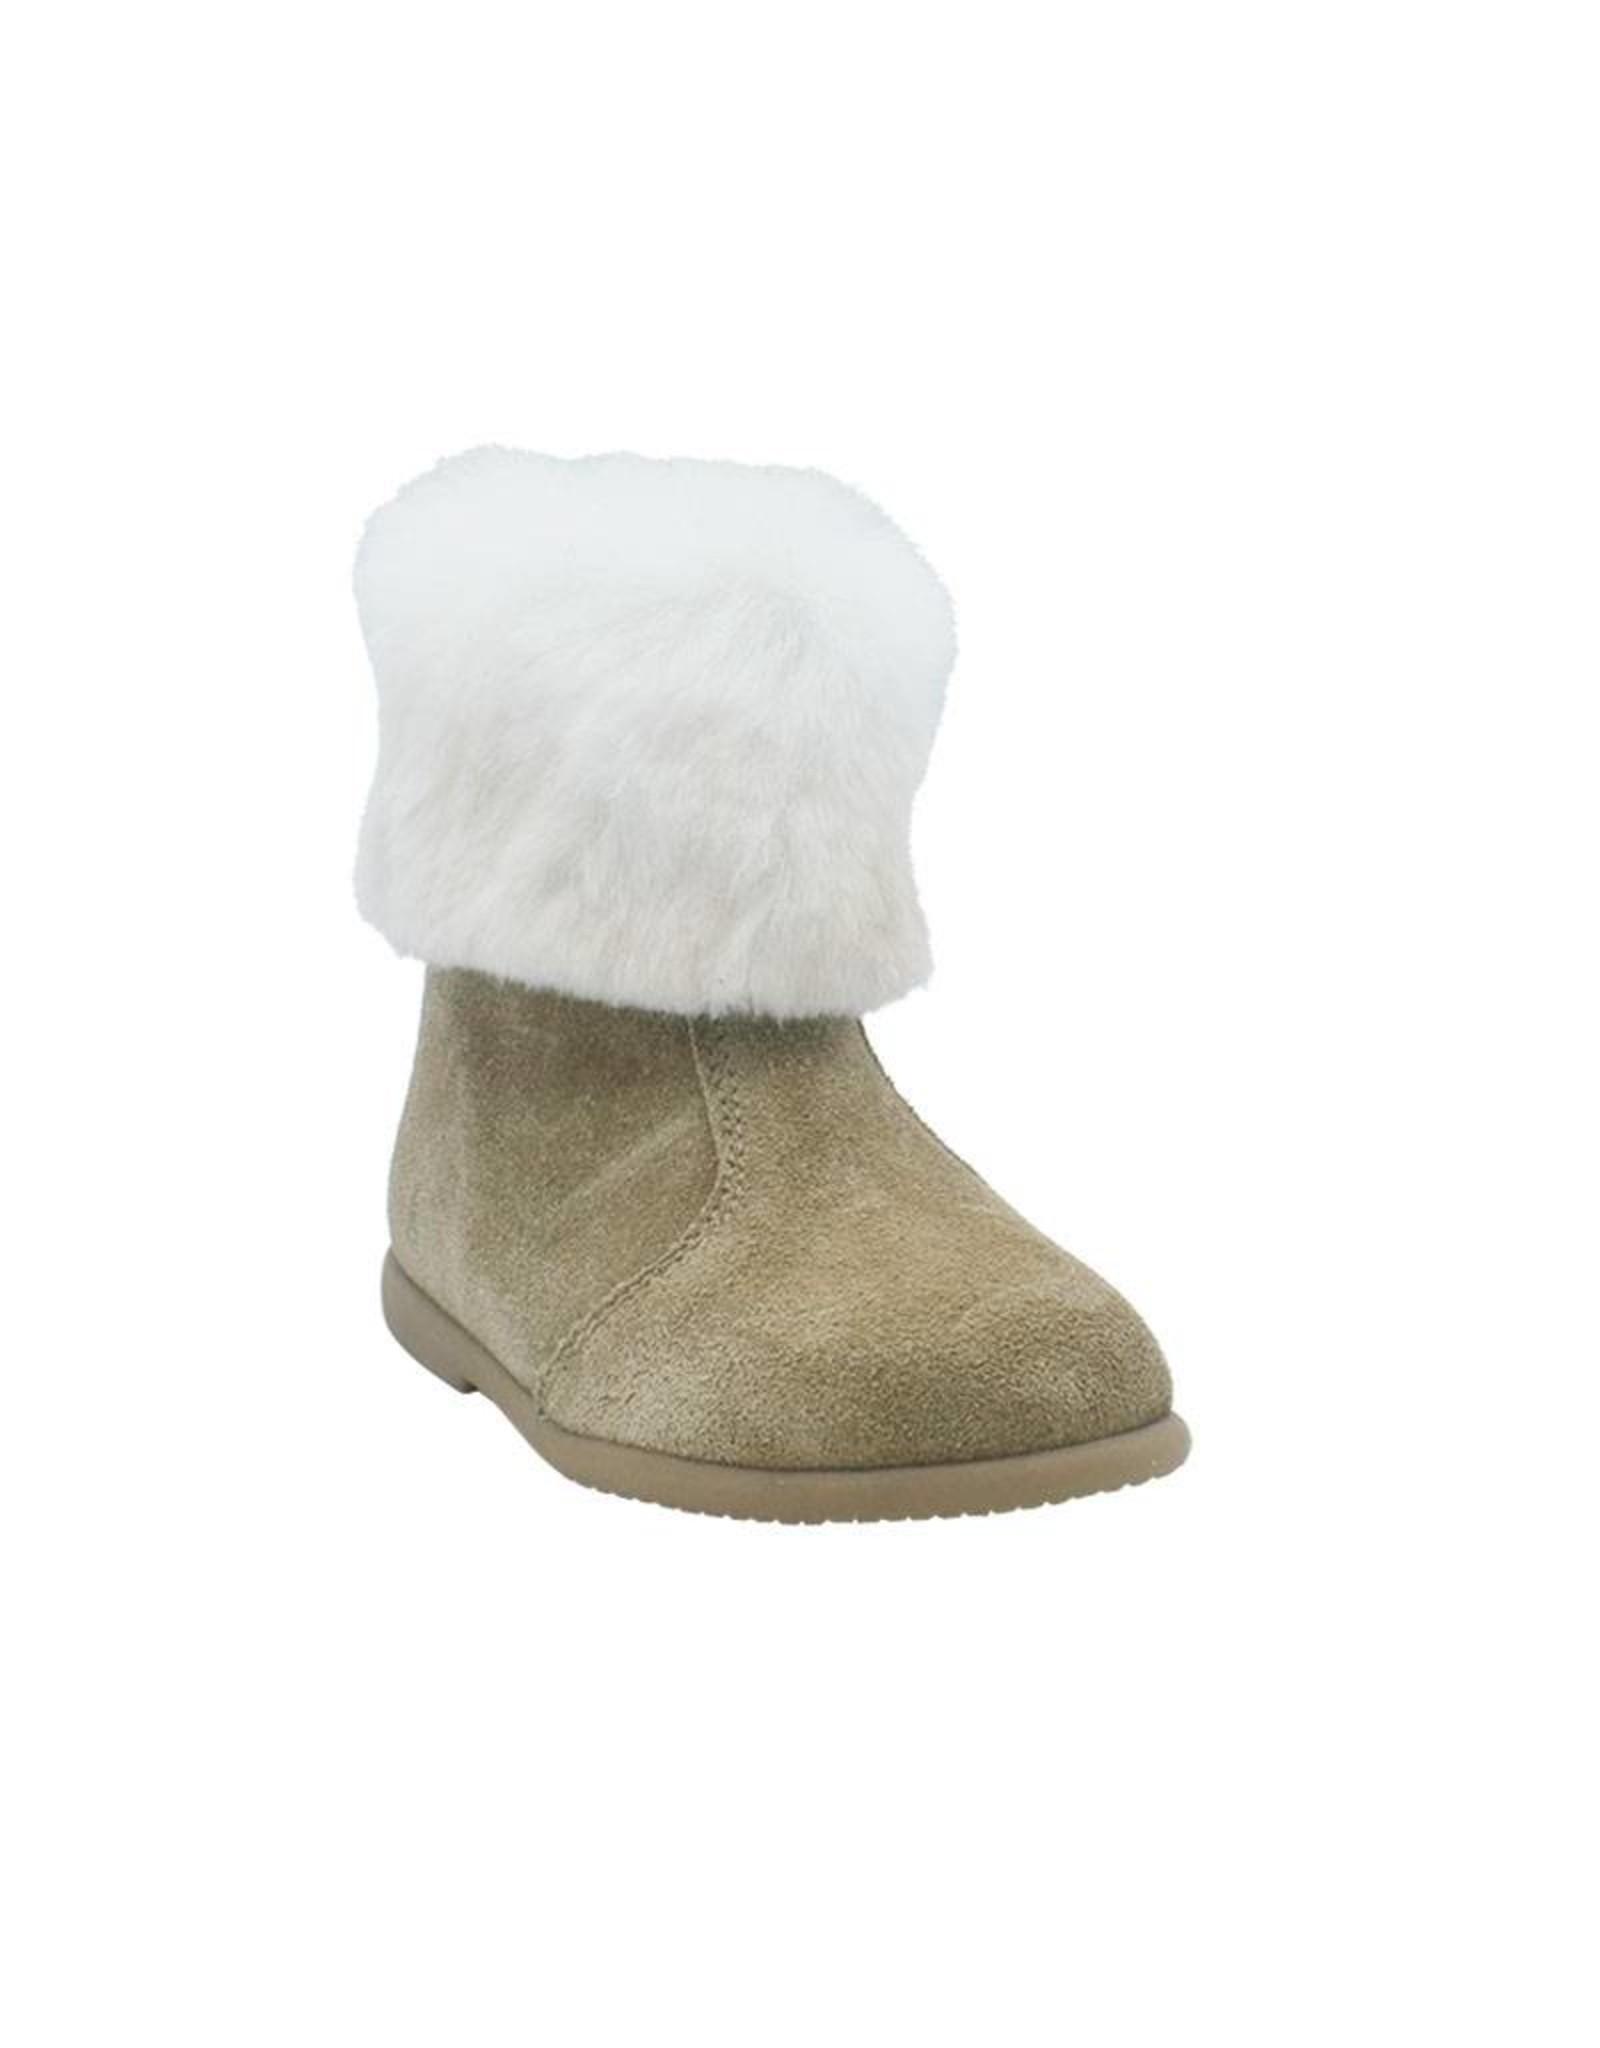 ELI ELI boot camel schapenvacht outlet